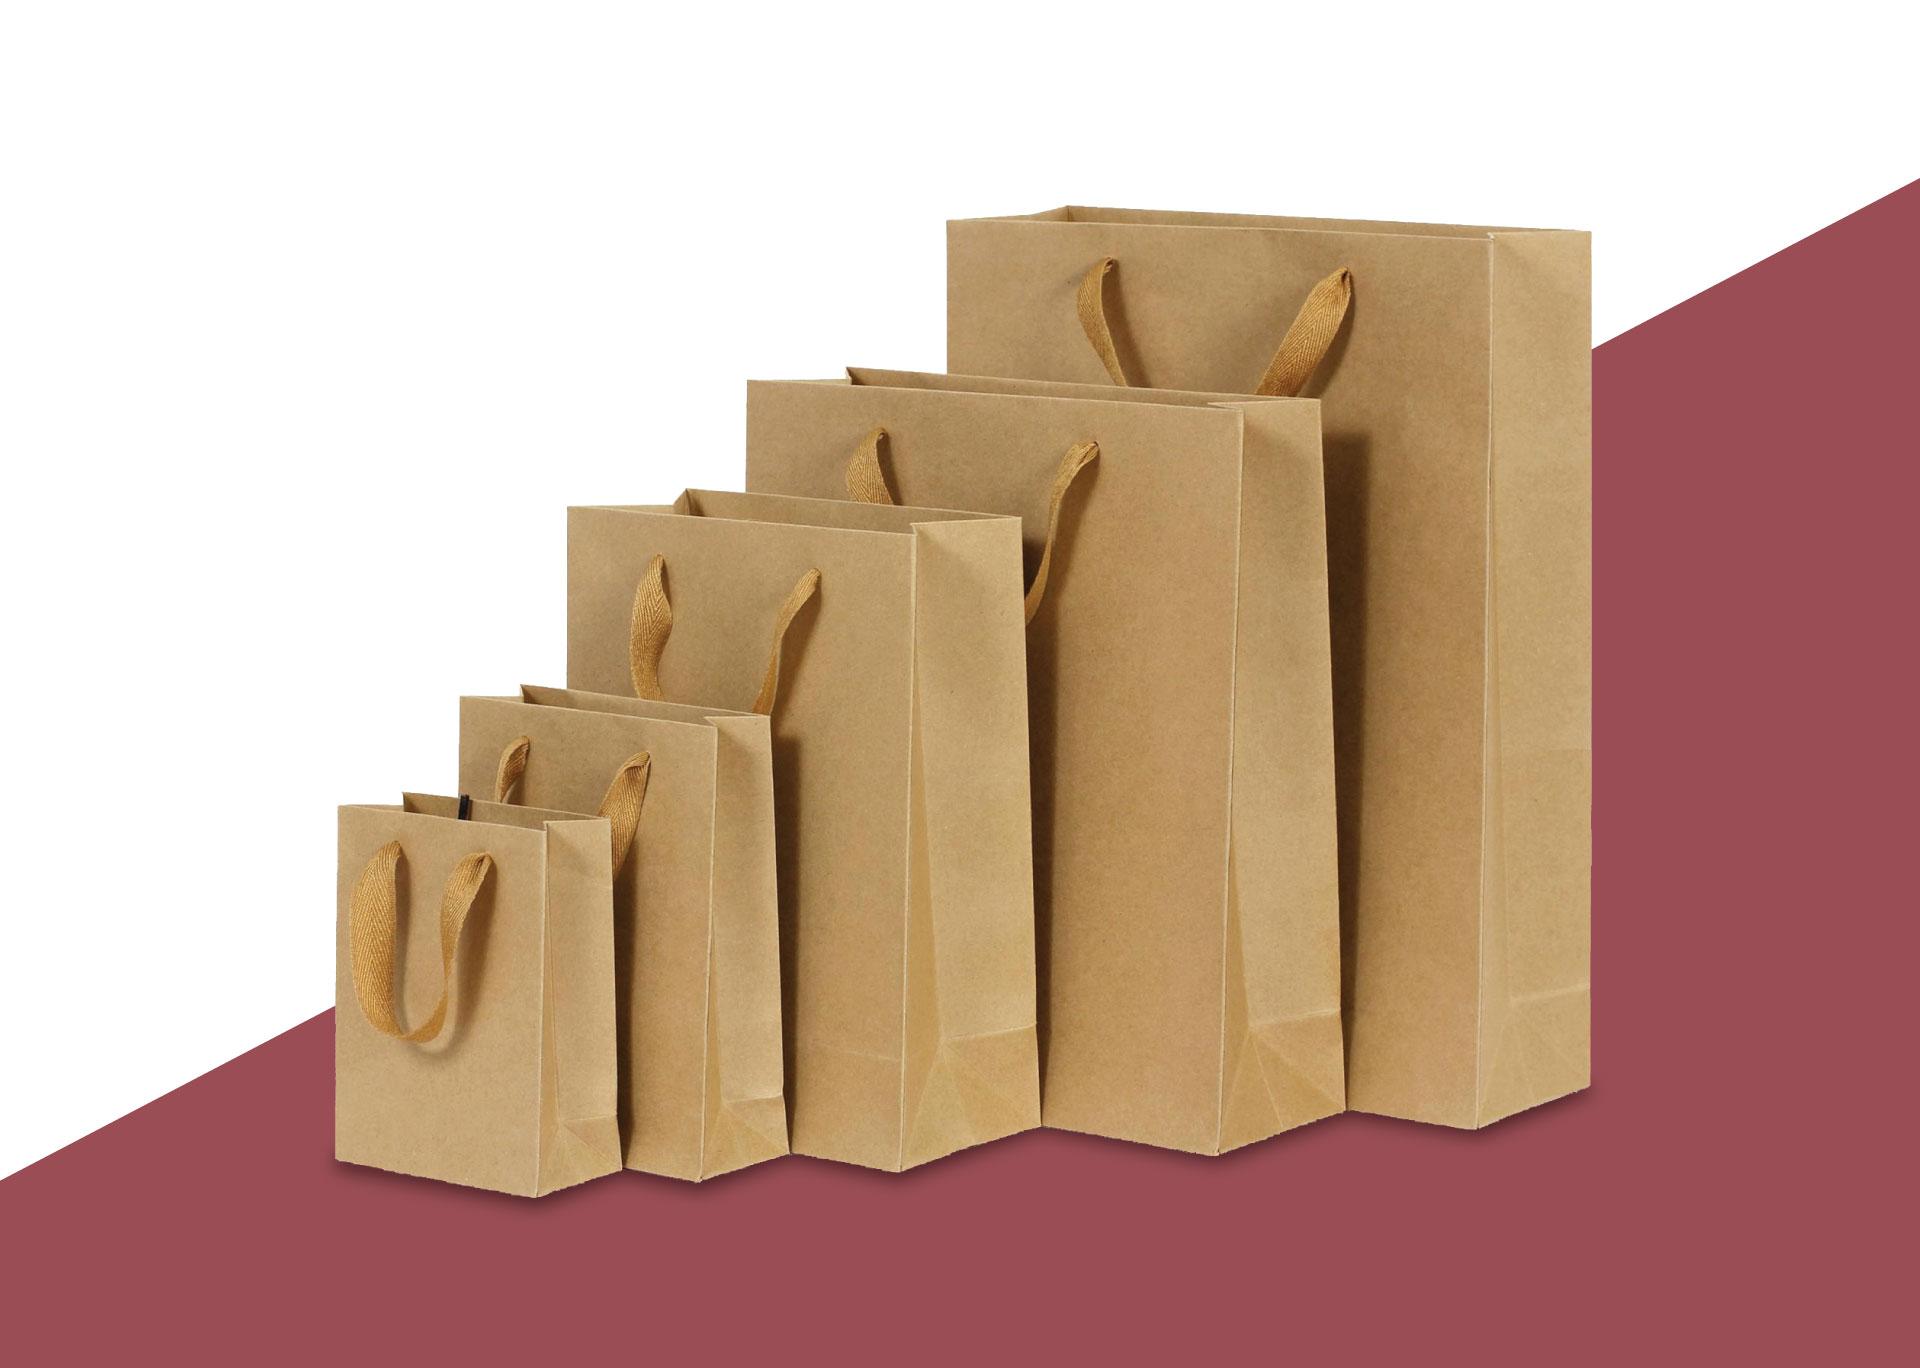 پاکت کاغذی: تاریخچه ، مخترعان و انواع پاکت های کاغذی